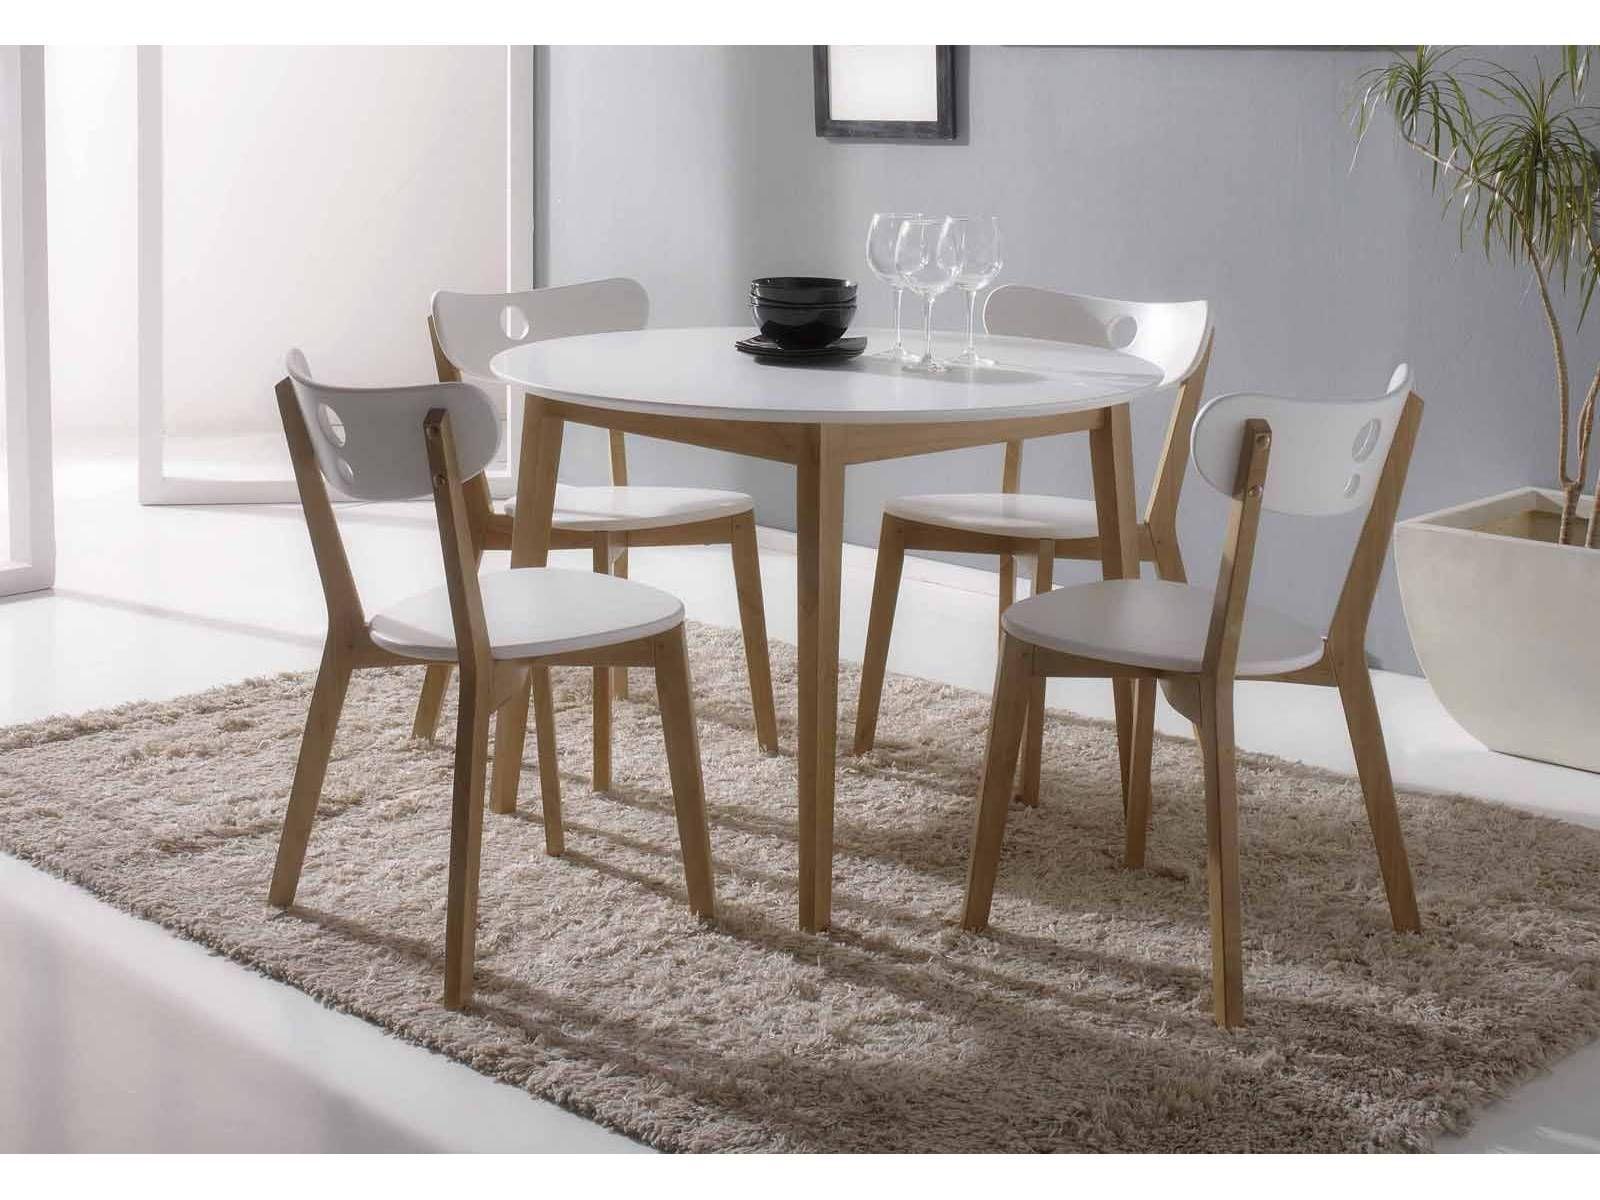 Conjunto de mesa redonda y sillas,perfecto para cualquier ...